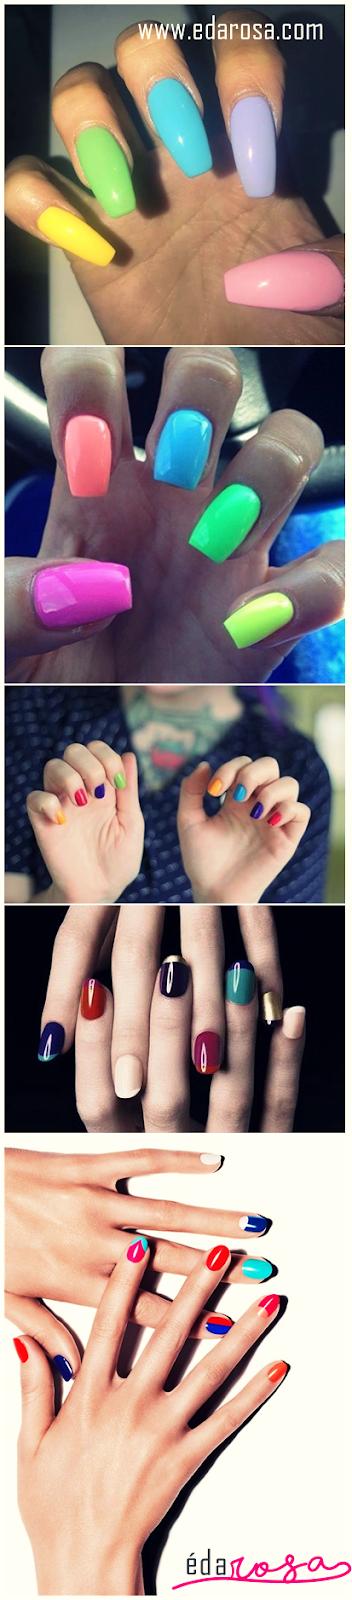 unhas decoradas em cores diferentes